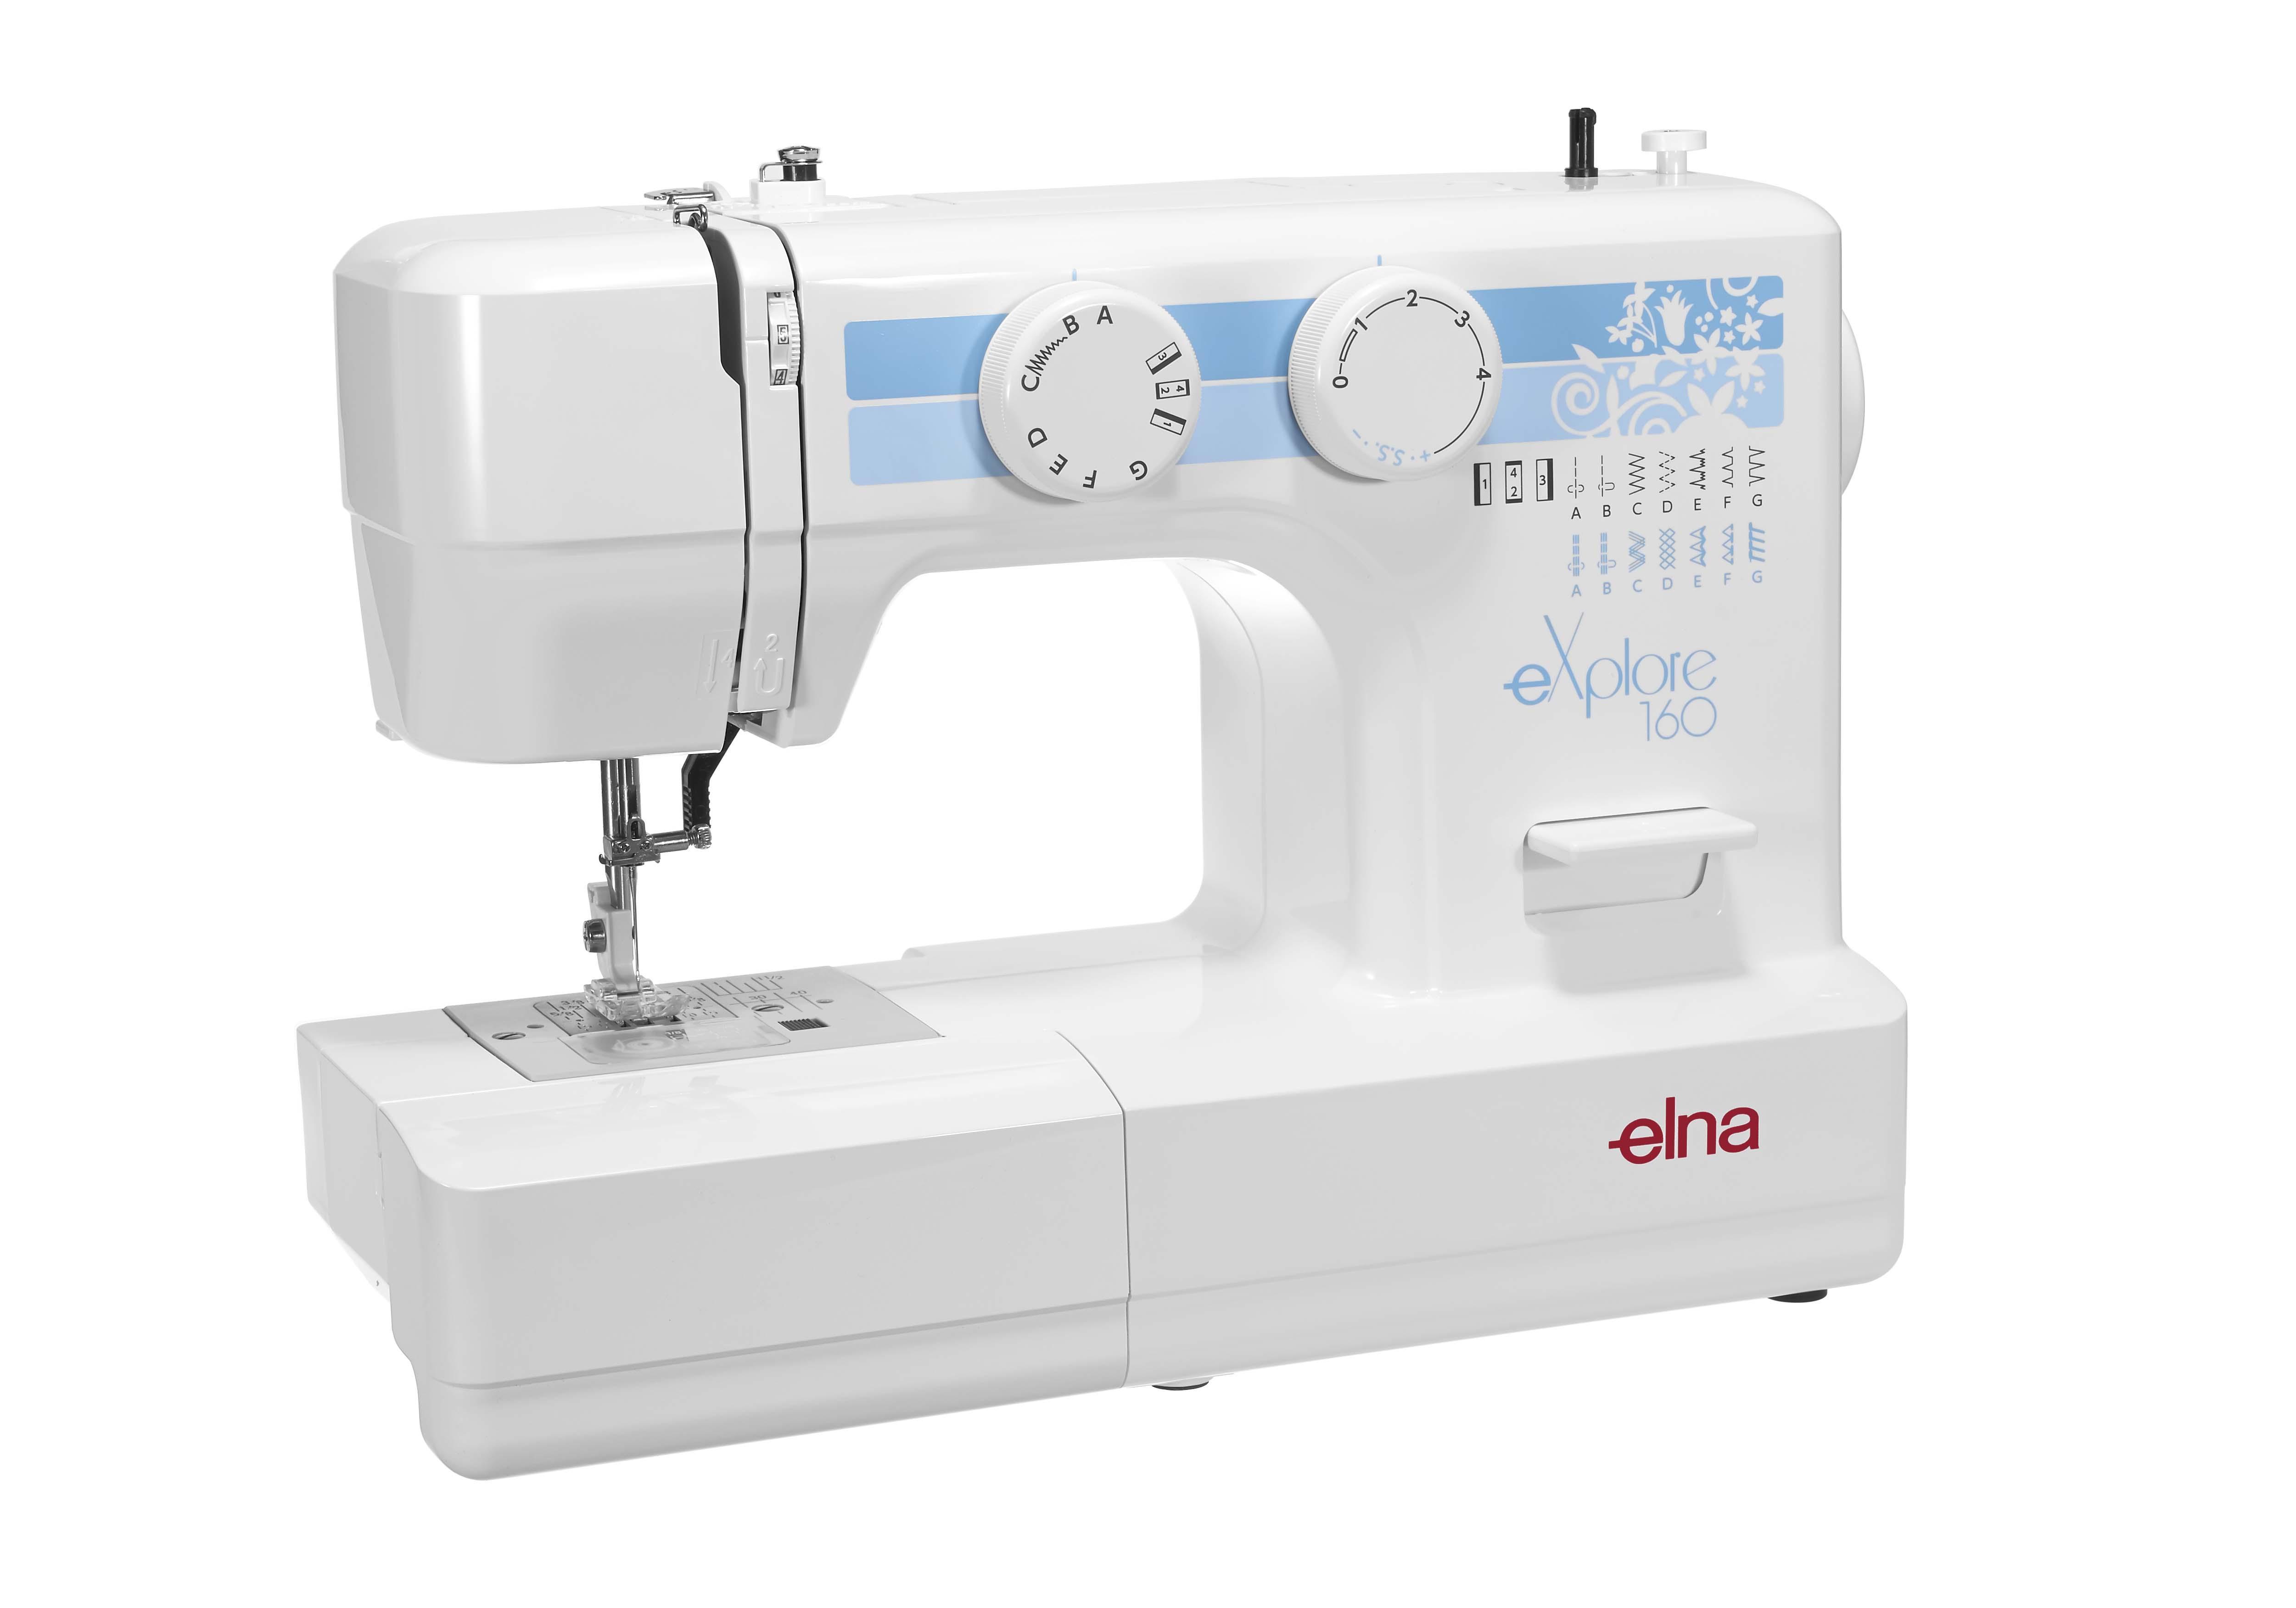 elna global website sewing explore 160 rh elna com Elna Supermatic Sewing Machine Manual Elnita Sewing Machine Manual